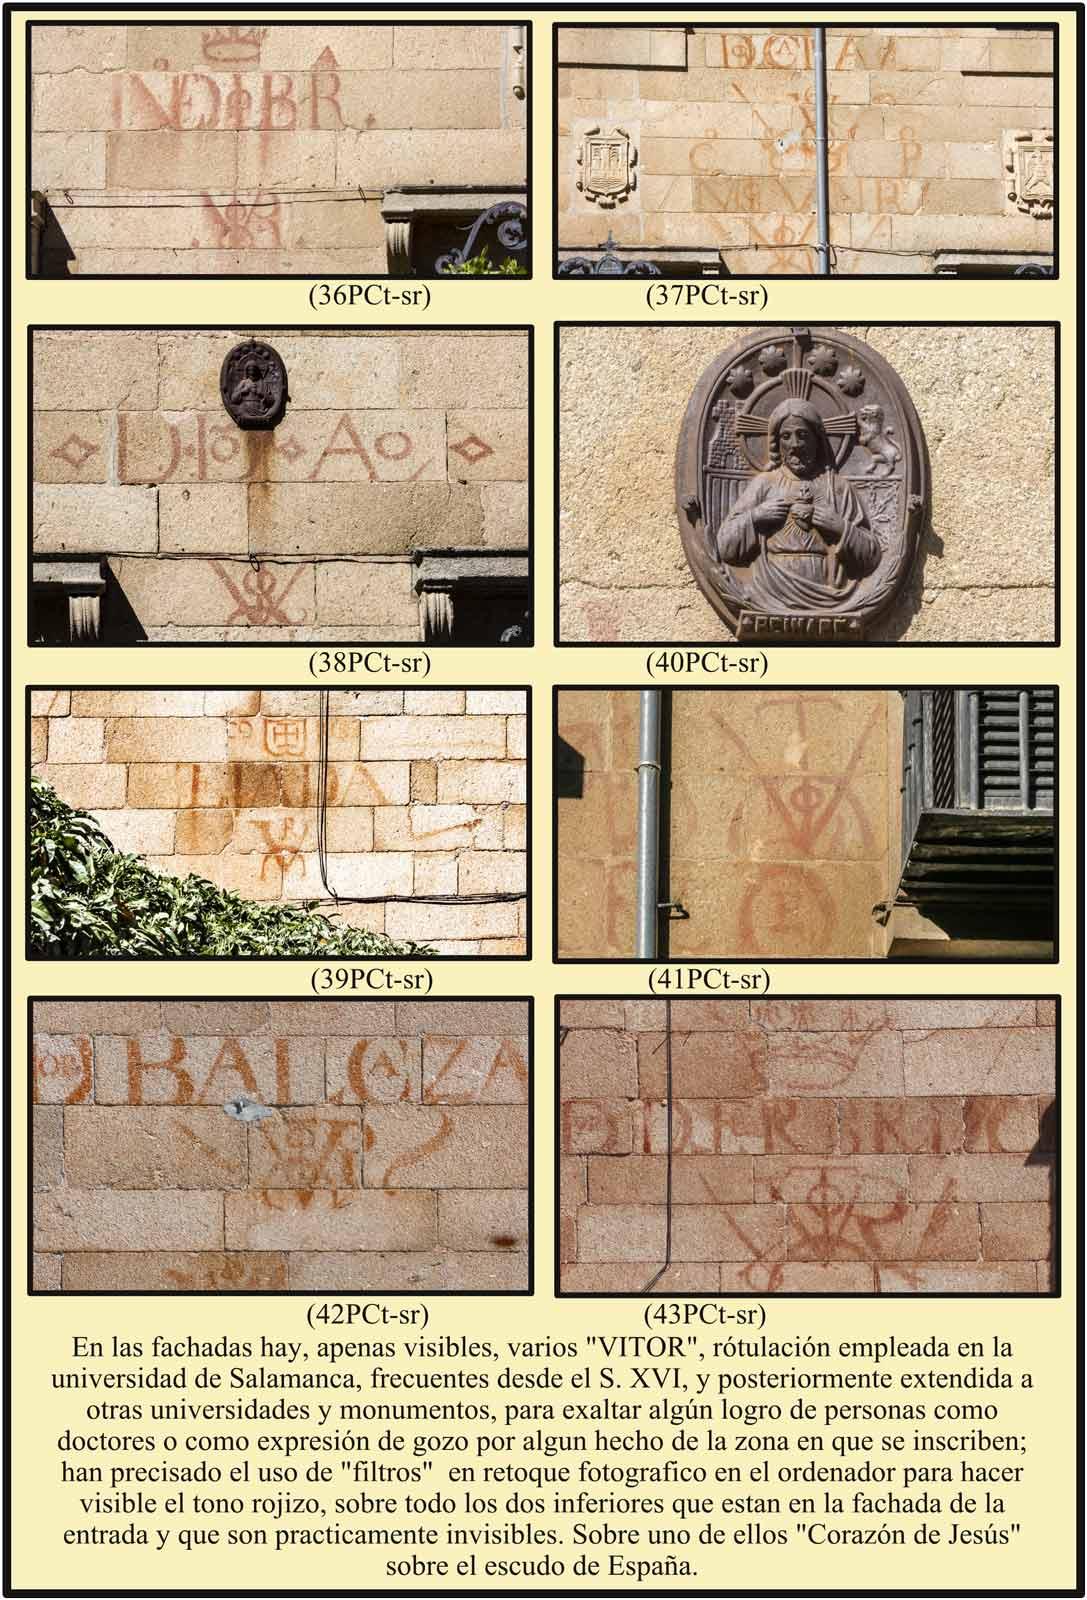 Varios Vitor similares a los de la Universidad de Salamanca en la Casa del Dean